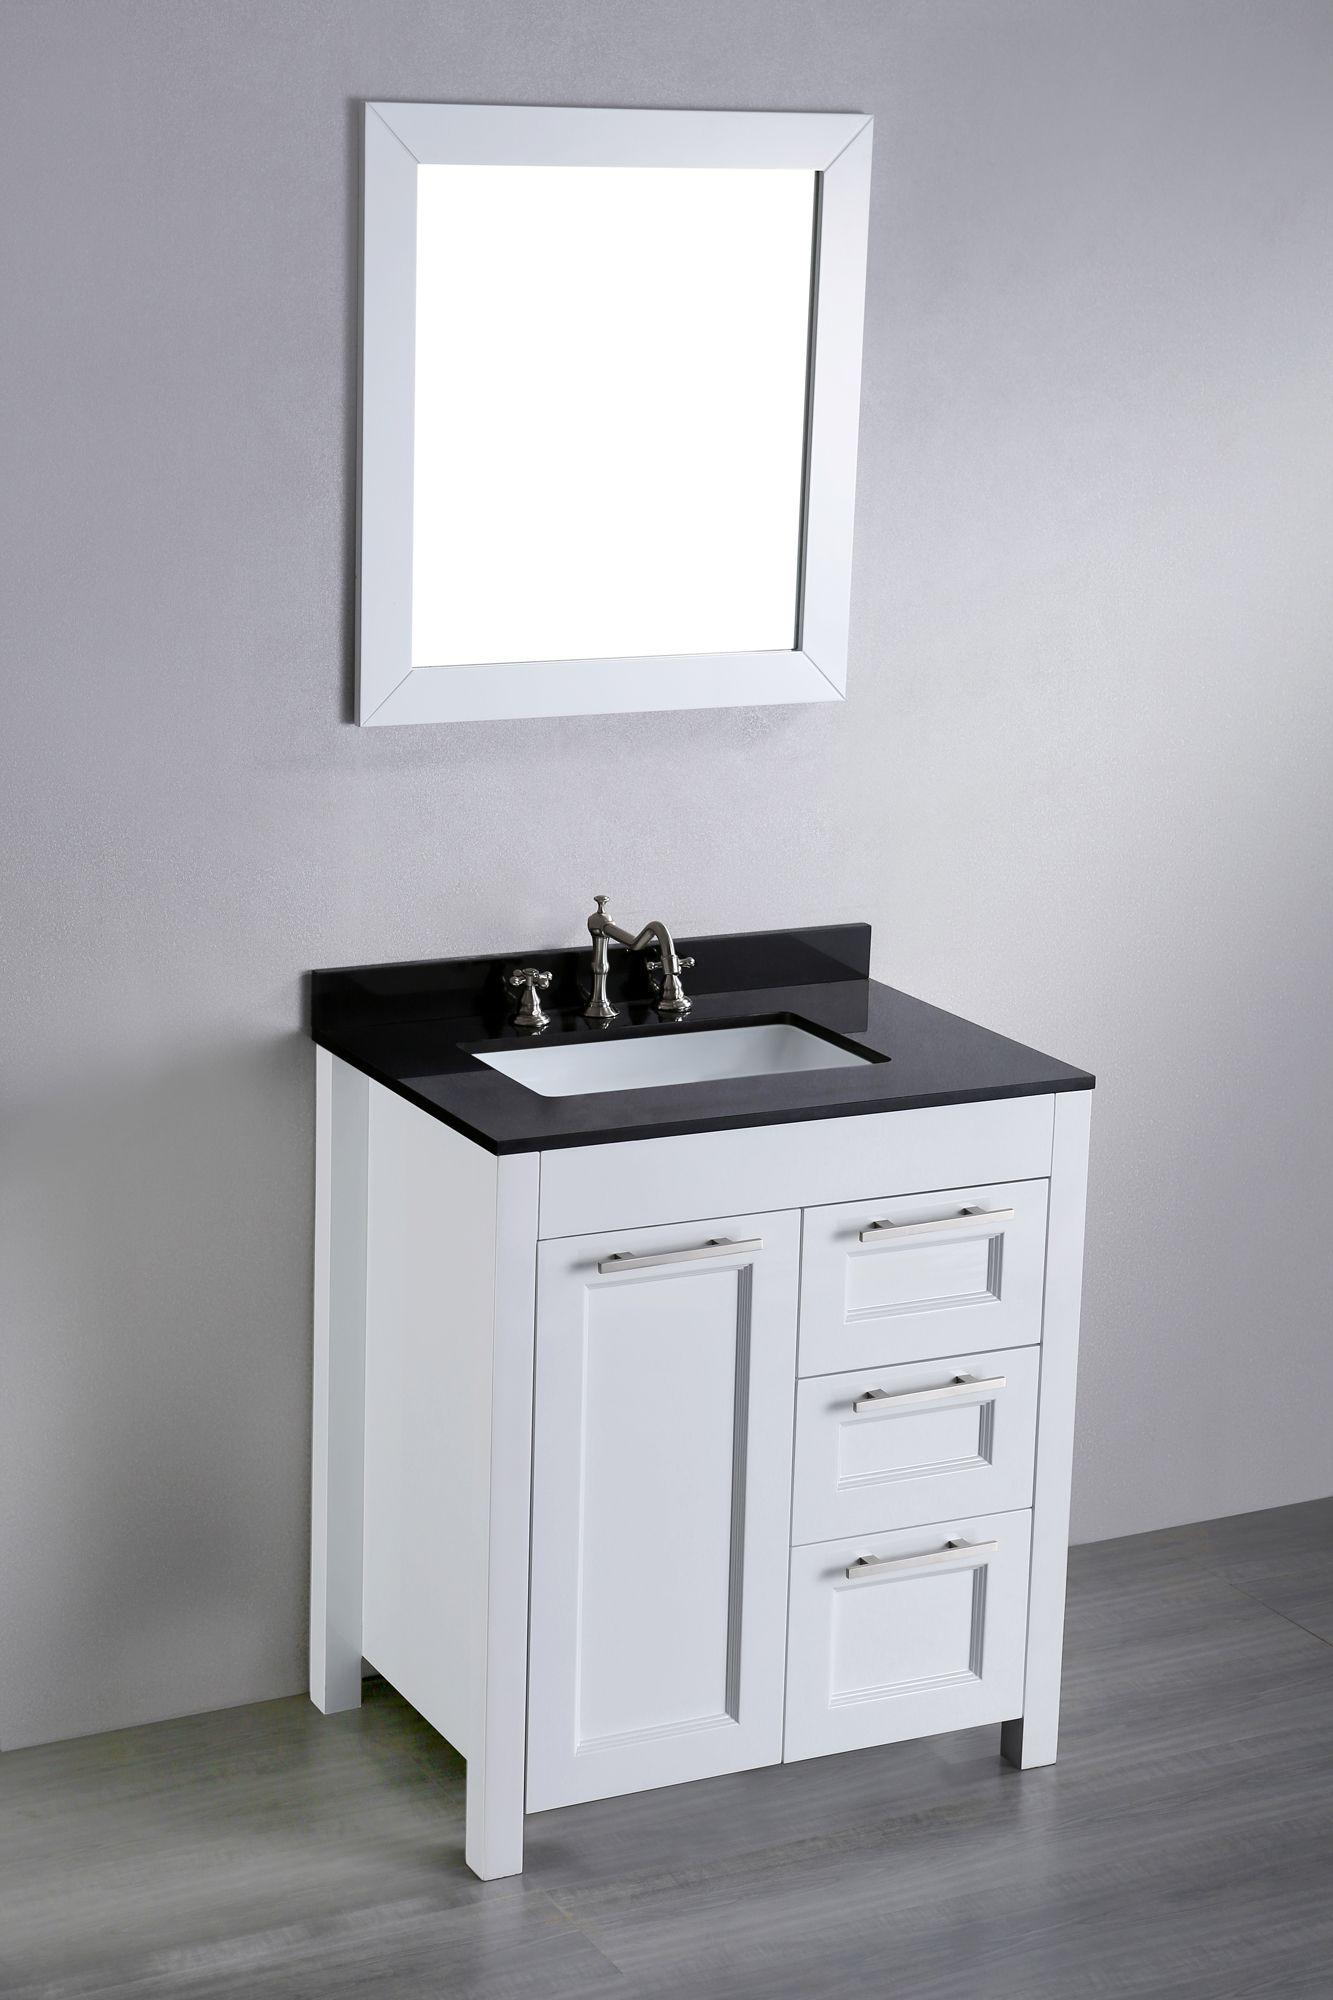 30 inch white bathroom vanity bedroom furniture pinterest rh pinterest at 30 inch white bathroom vanity cabinet 30 inch white bathroom vanity without top